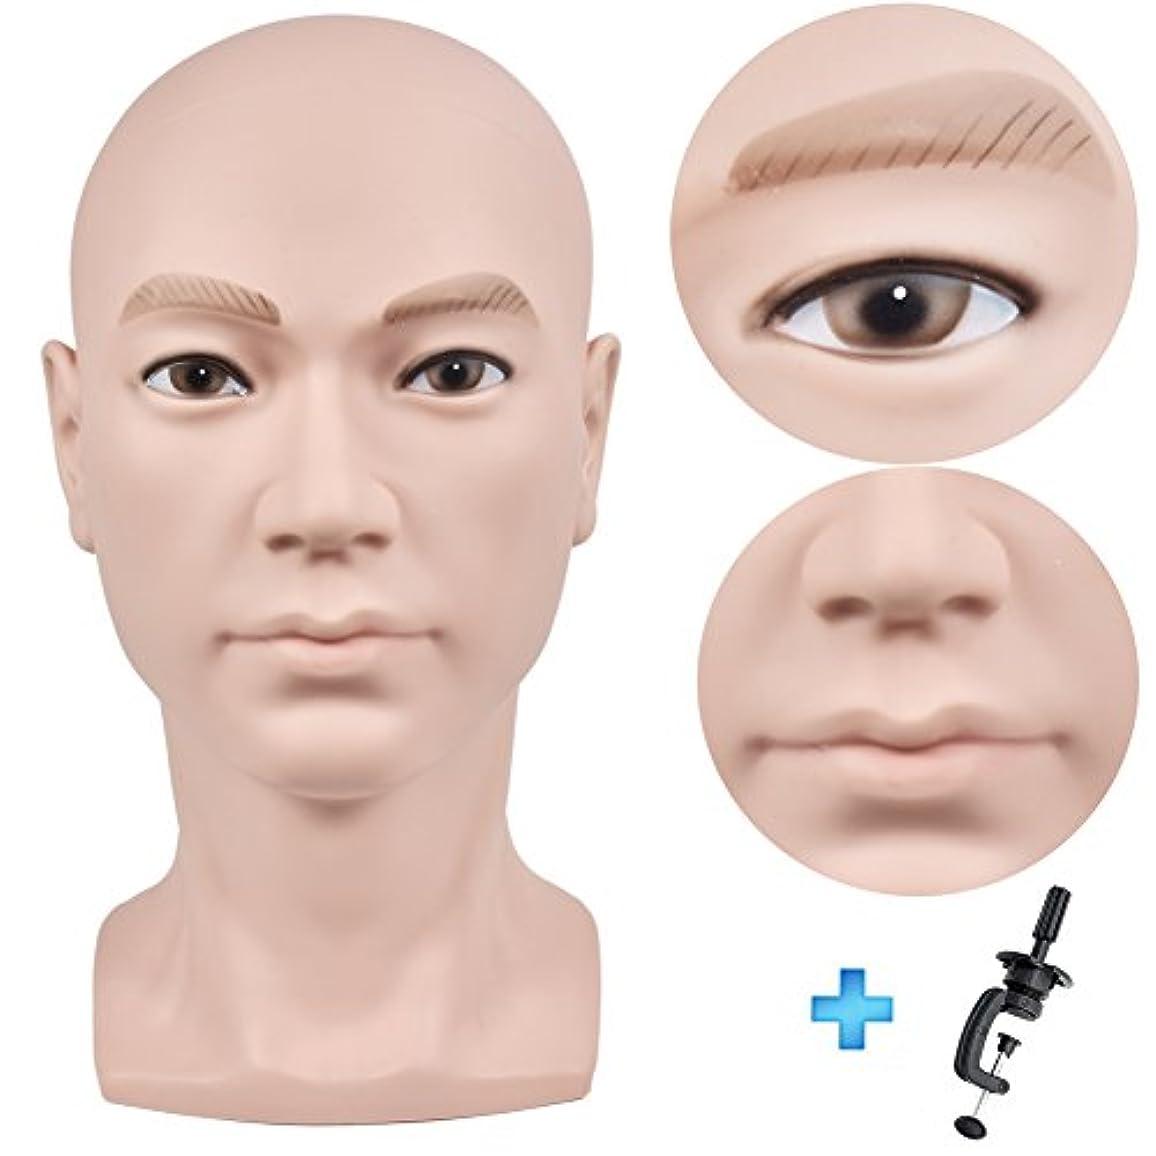 できるジャンピングジャック差し迫った髪のメイク、ディスプレイのかつら、メガネ、髪、Tピン、フリークランプのための禿げたマネキンヘッドベージュ男性プロの化粧品